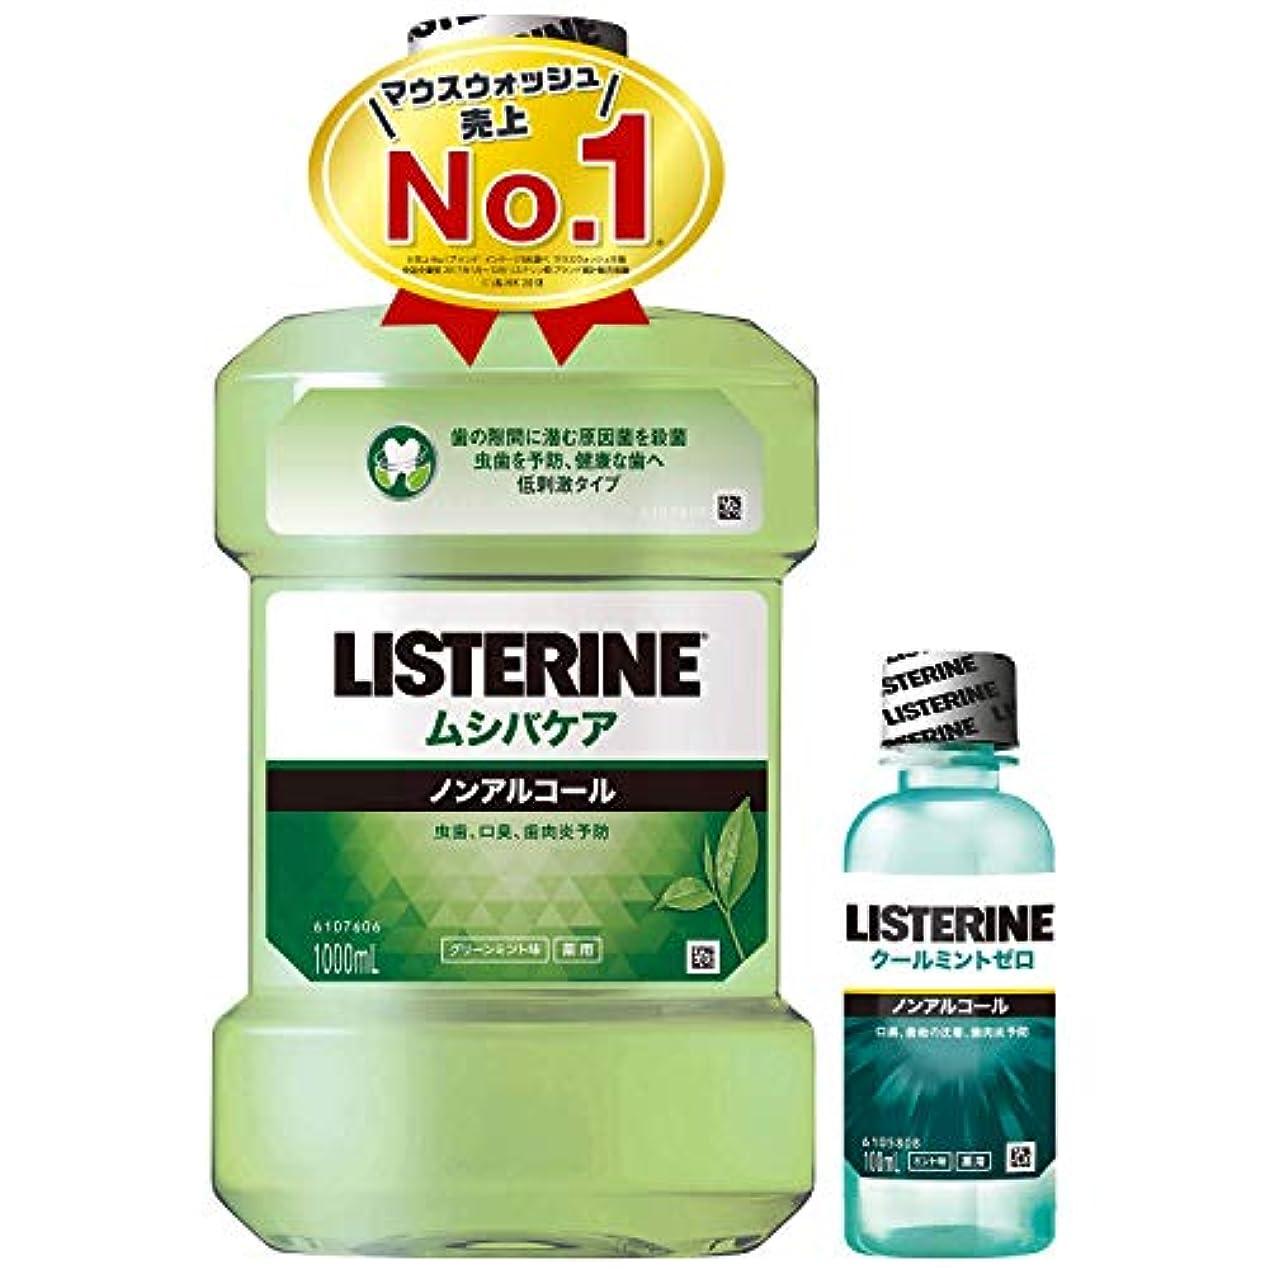 オプションサルベージデコラティブ[医薬部外品] 薬用 LISTERINE(リステリン) マウスウォッシュ ムシバケア 1000mL + おまけつき